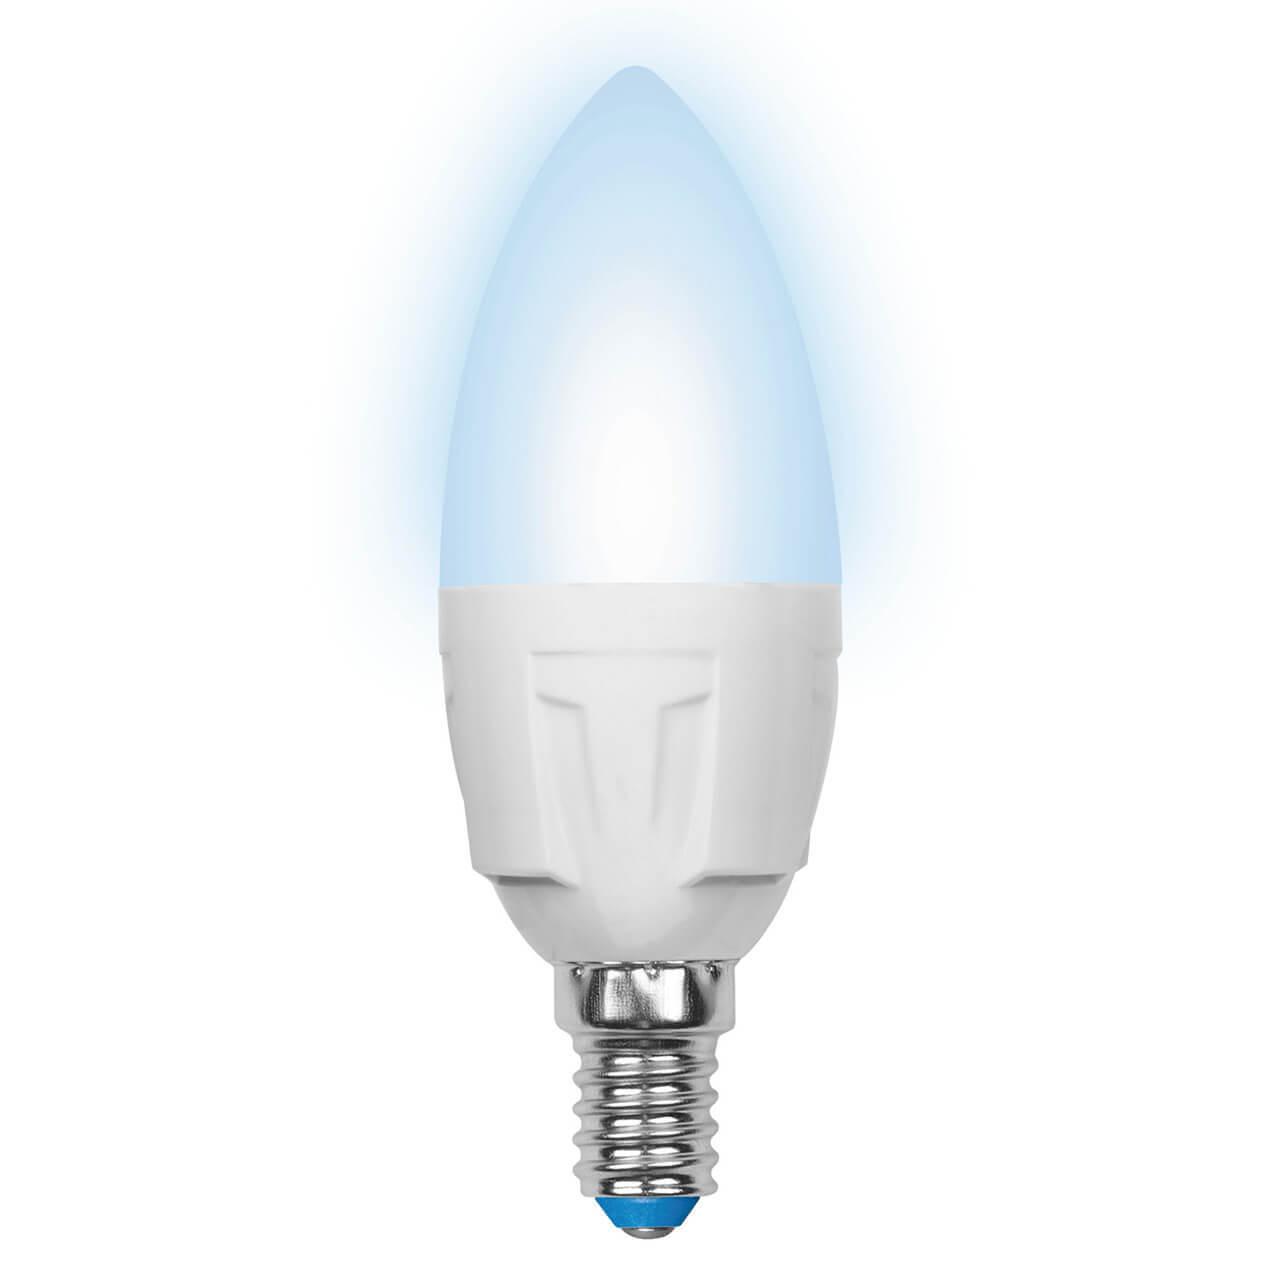 цена на Лампа светодиодная (UL-00000689) Uniel E14 6W 4500K матовая LED-C37-6W/NW/E14/FR/DIM PLP01WH